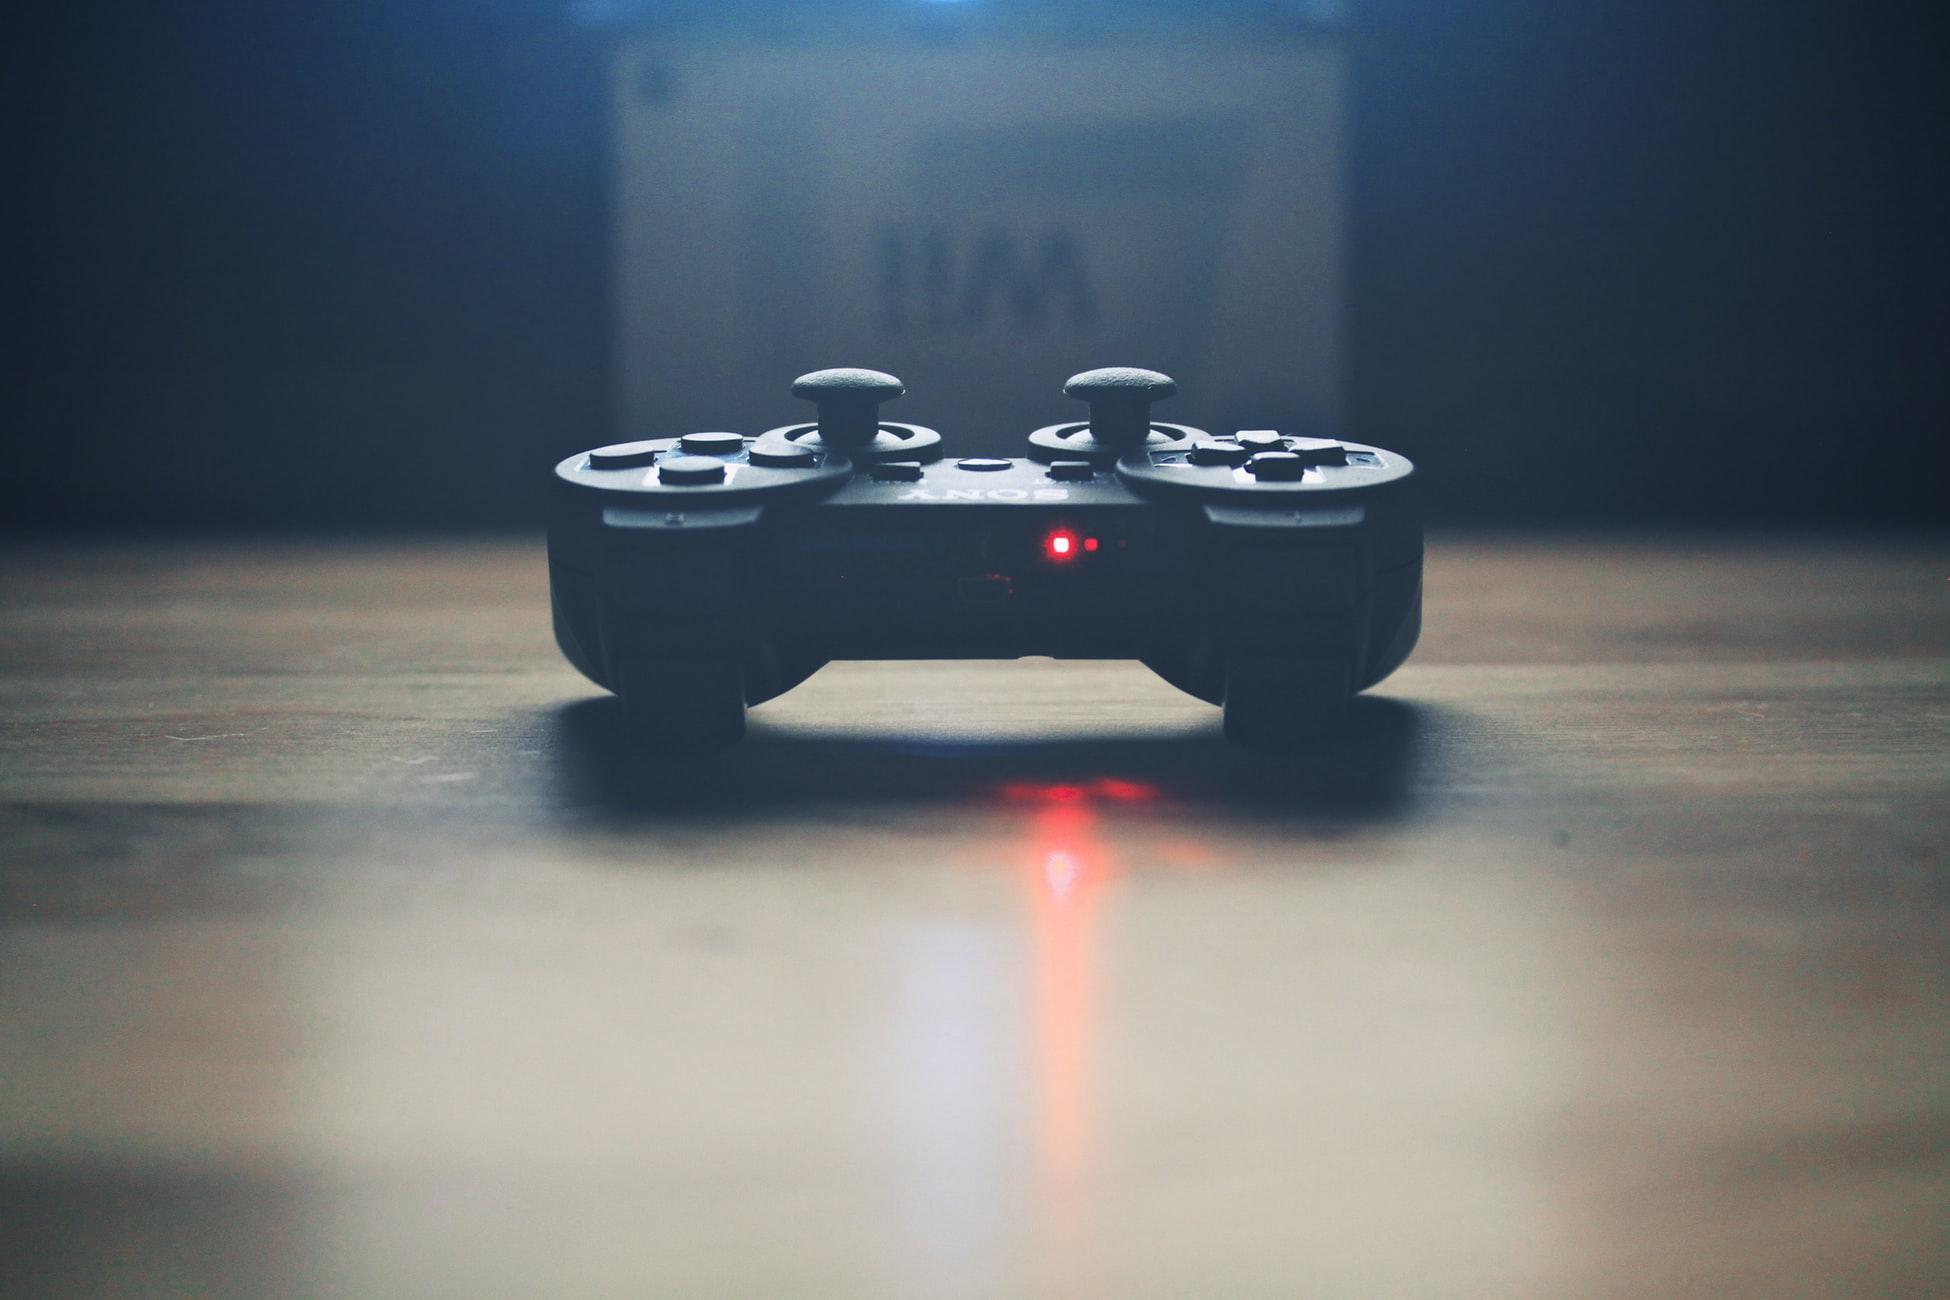 【神ゲー】人生をゲーム化する方法とそのメリットについて詳しく解説する